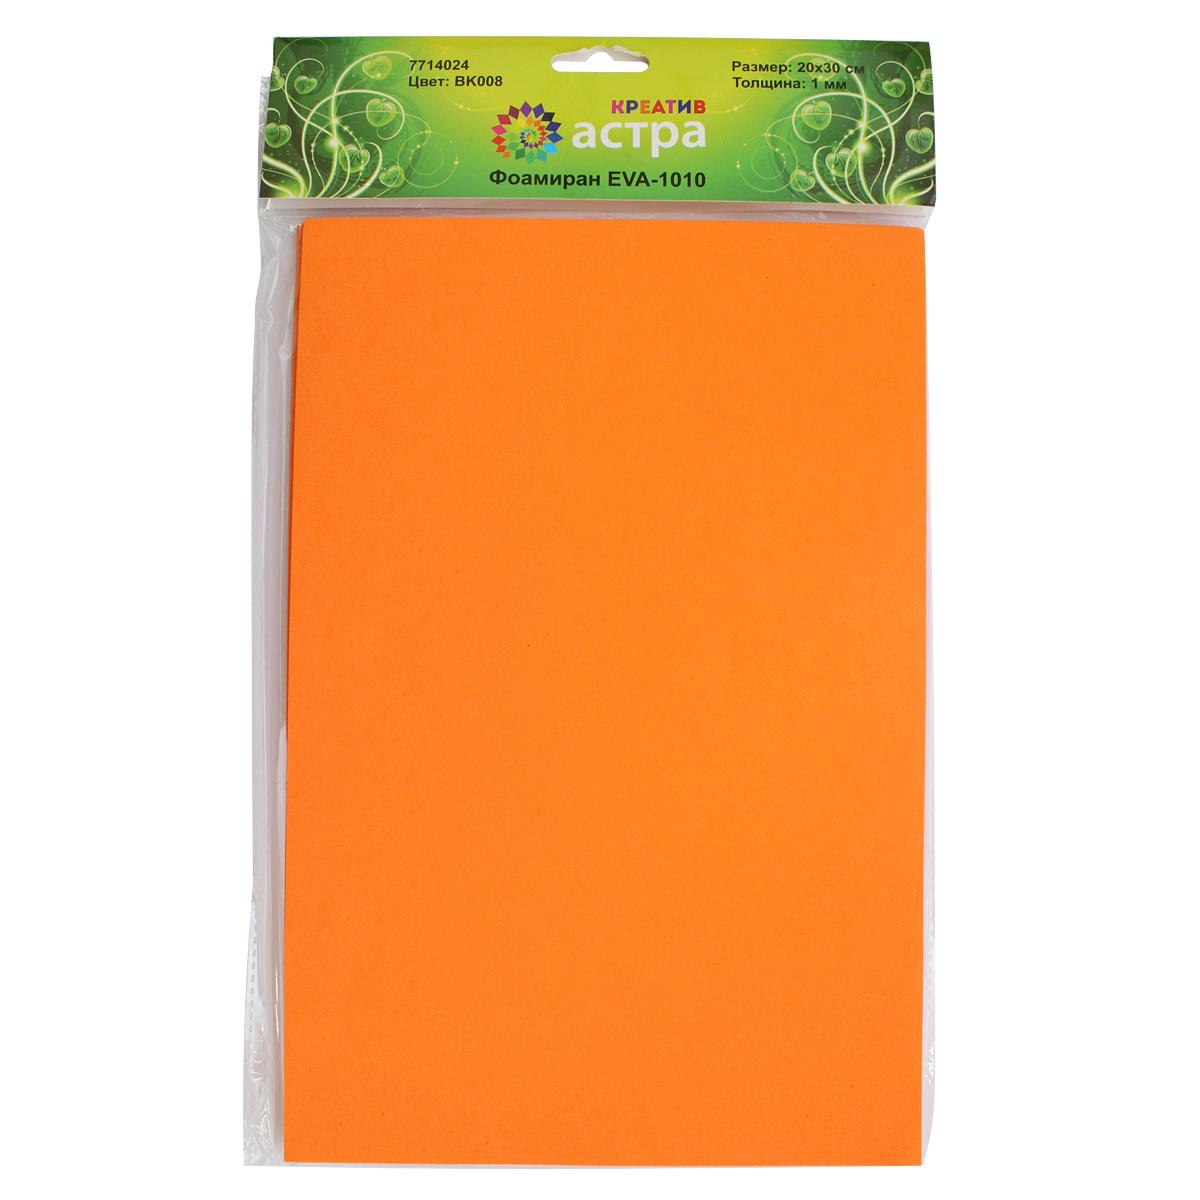 Фоамиран Астра, цвет: оранжевый, 20 х 30 см, 10 шт7714024_BK008 оранжевыйФоамиран Астра - это пластичная замша, ее можно применить для создания разнообразного вида декора: открытки, магнитики, цветы, забавные игрушки и т.д. Главная особенность материала фоамиран заключается в его способности к незначительному растяжению, которого вполне достаточно для запоминания изделием своей формы.На ощупь мягкая синтетическая замша очень приятна и податлива, поэтому работать с ней не составит труда даже начинающему.Размер ткани: 200 x 300 мм. В упаковке 10 штук.